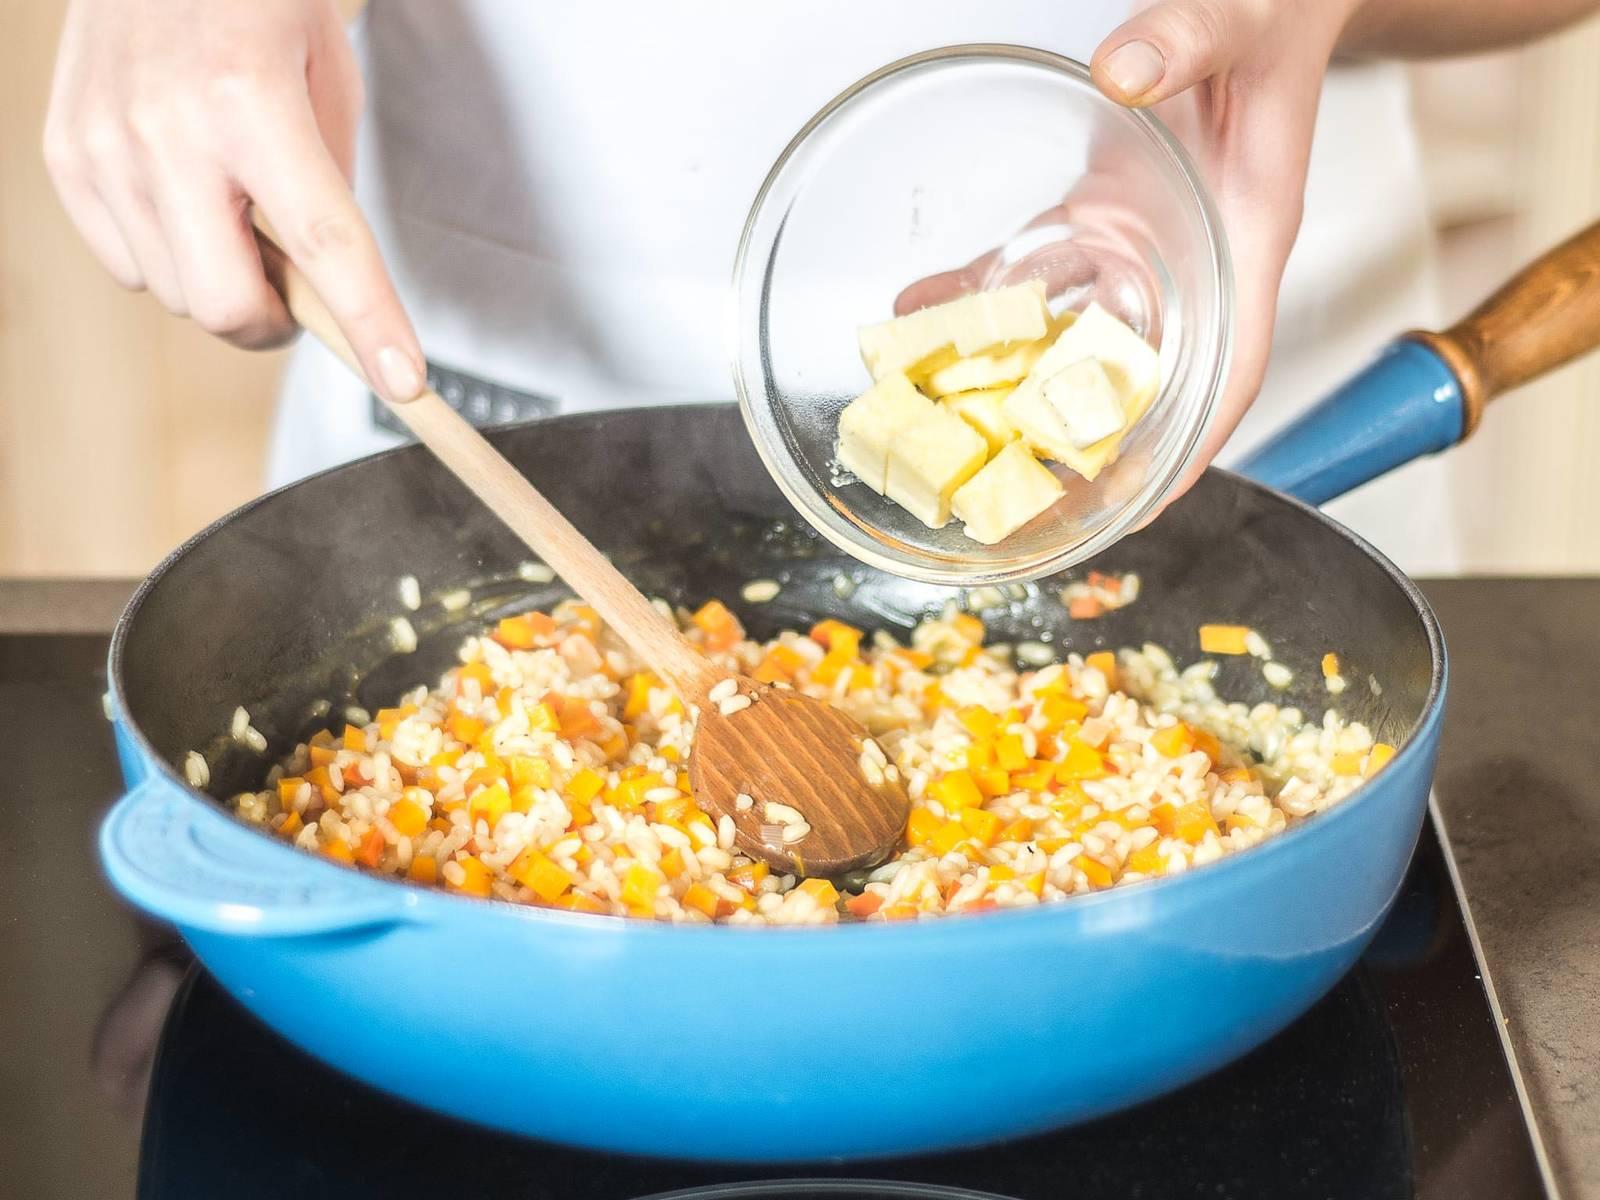 待意大利米煮熟后停止加热,加入帕玛森干酪,并且按口味用黄油、糖、盐和胡椒粉调味。加盖后静置2分钟。